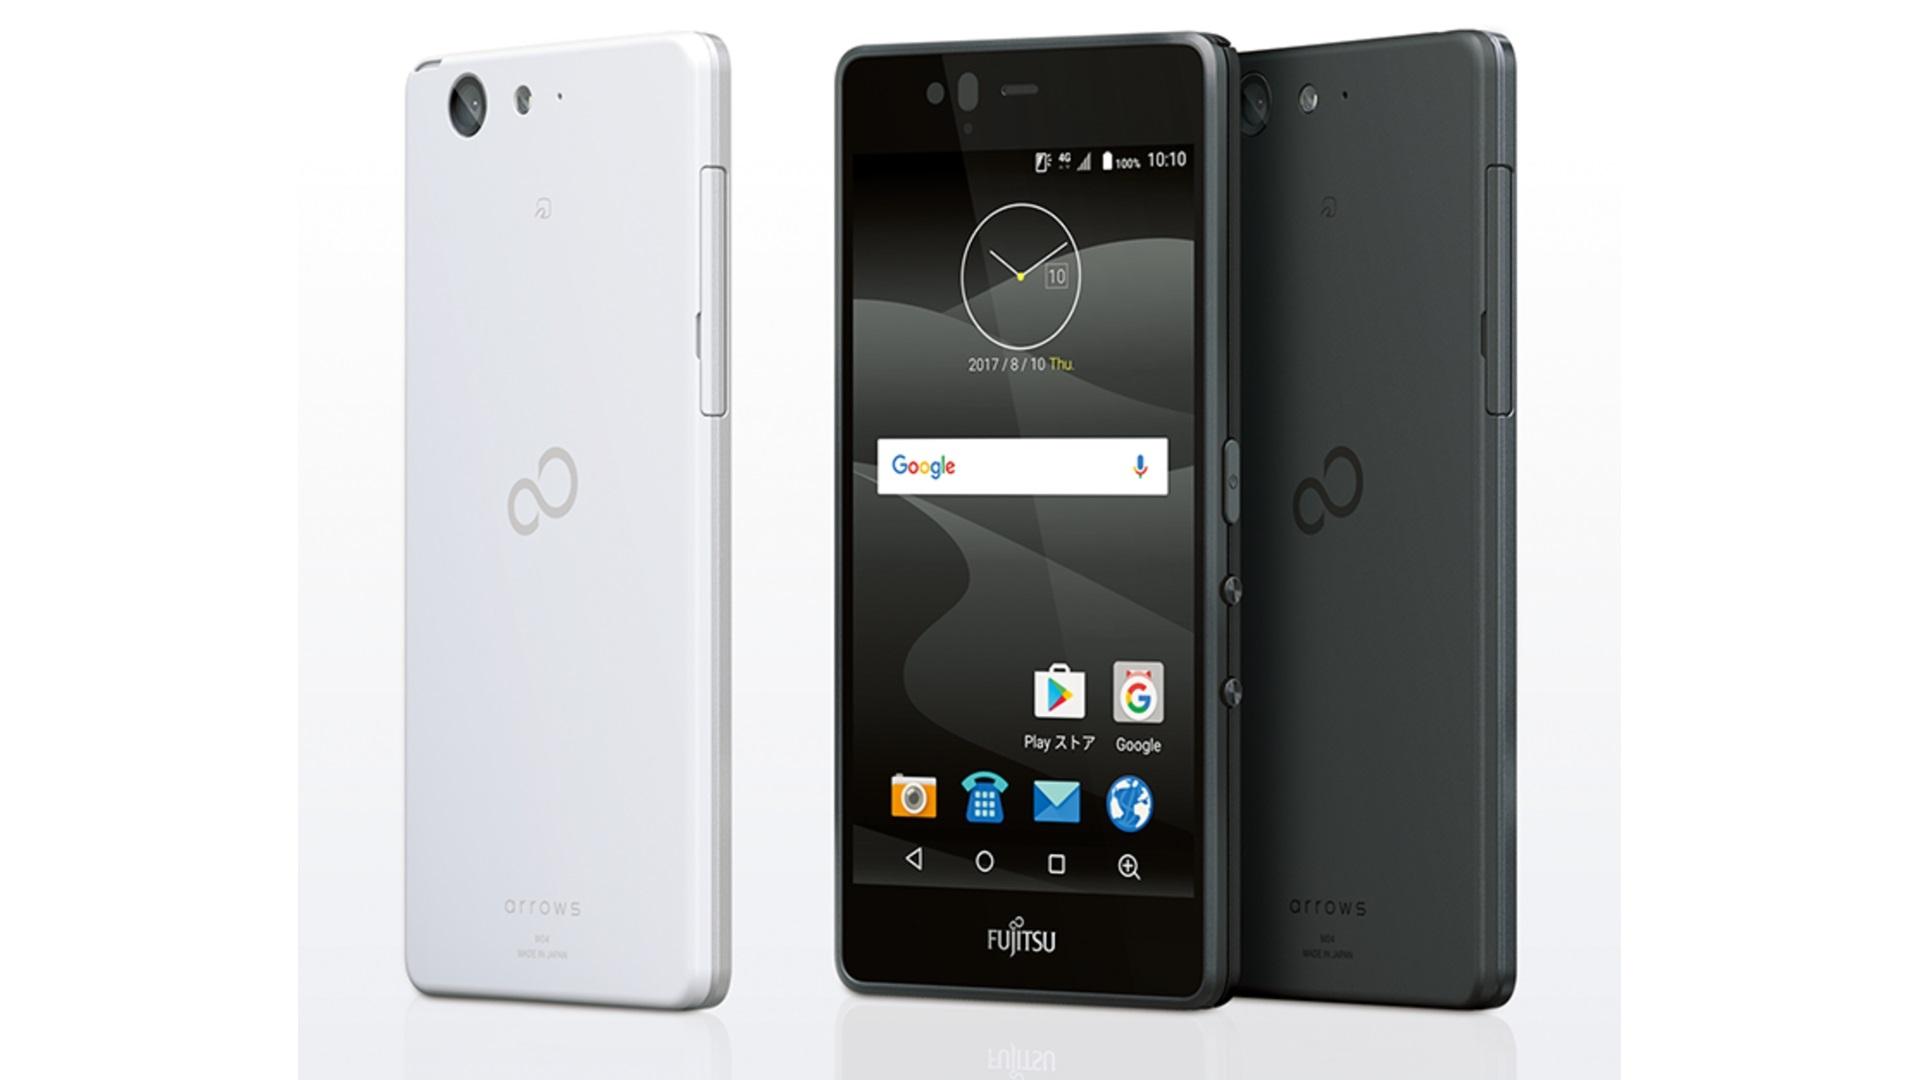 富士通「arrows M04」発表、Android 7.1搭載